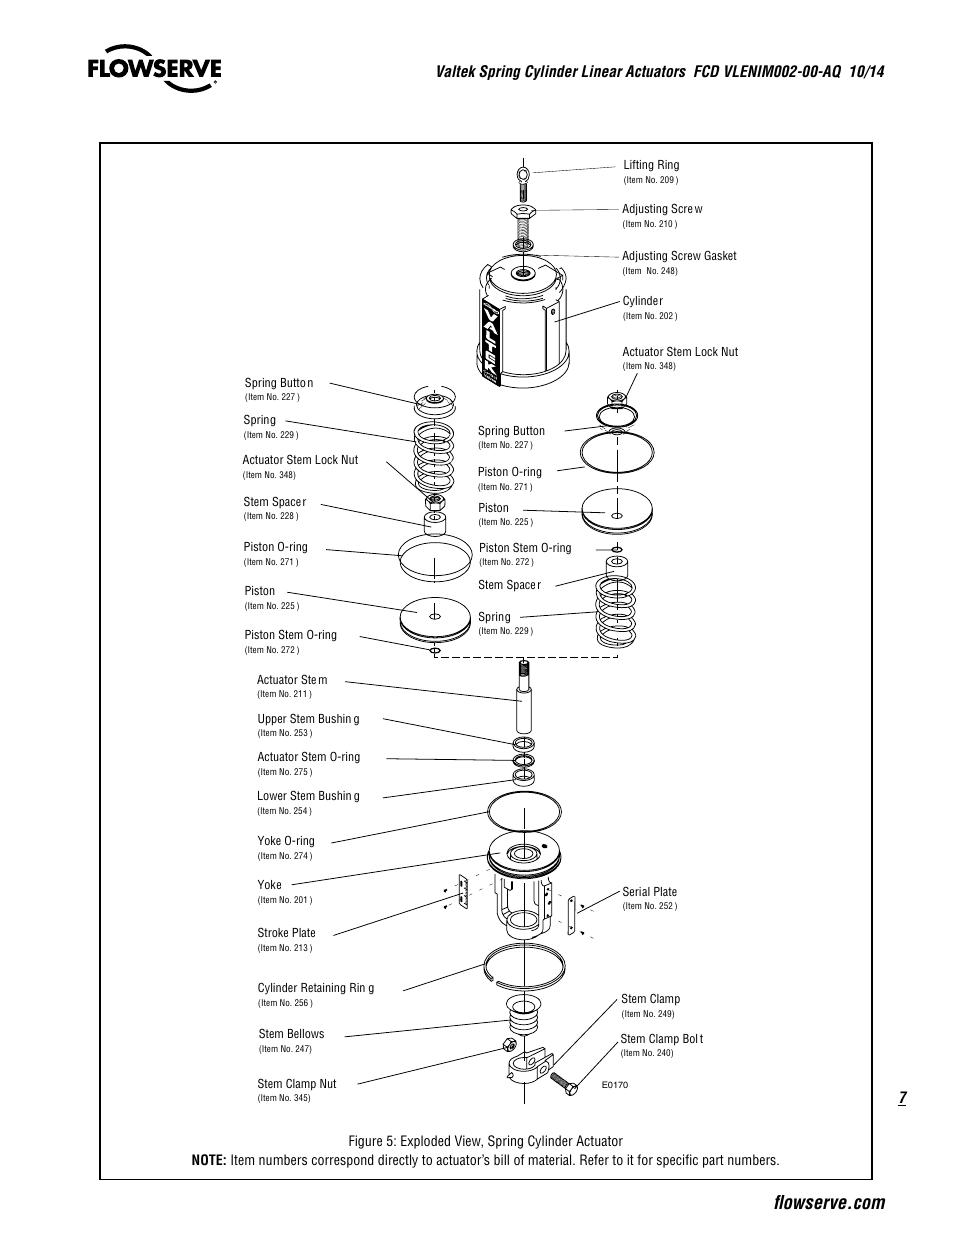 Flowserve Valtek VL Spring Cylinder Linear Actuators User